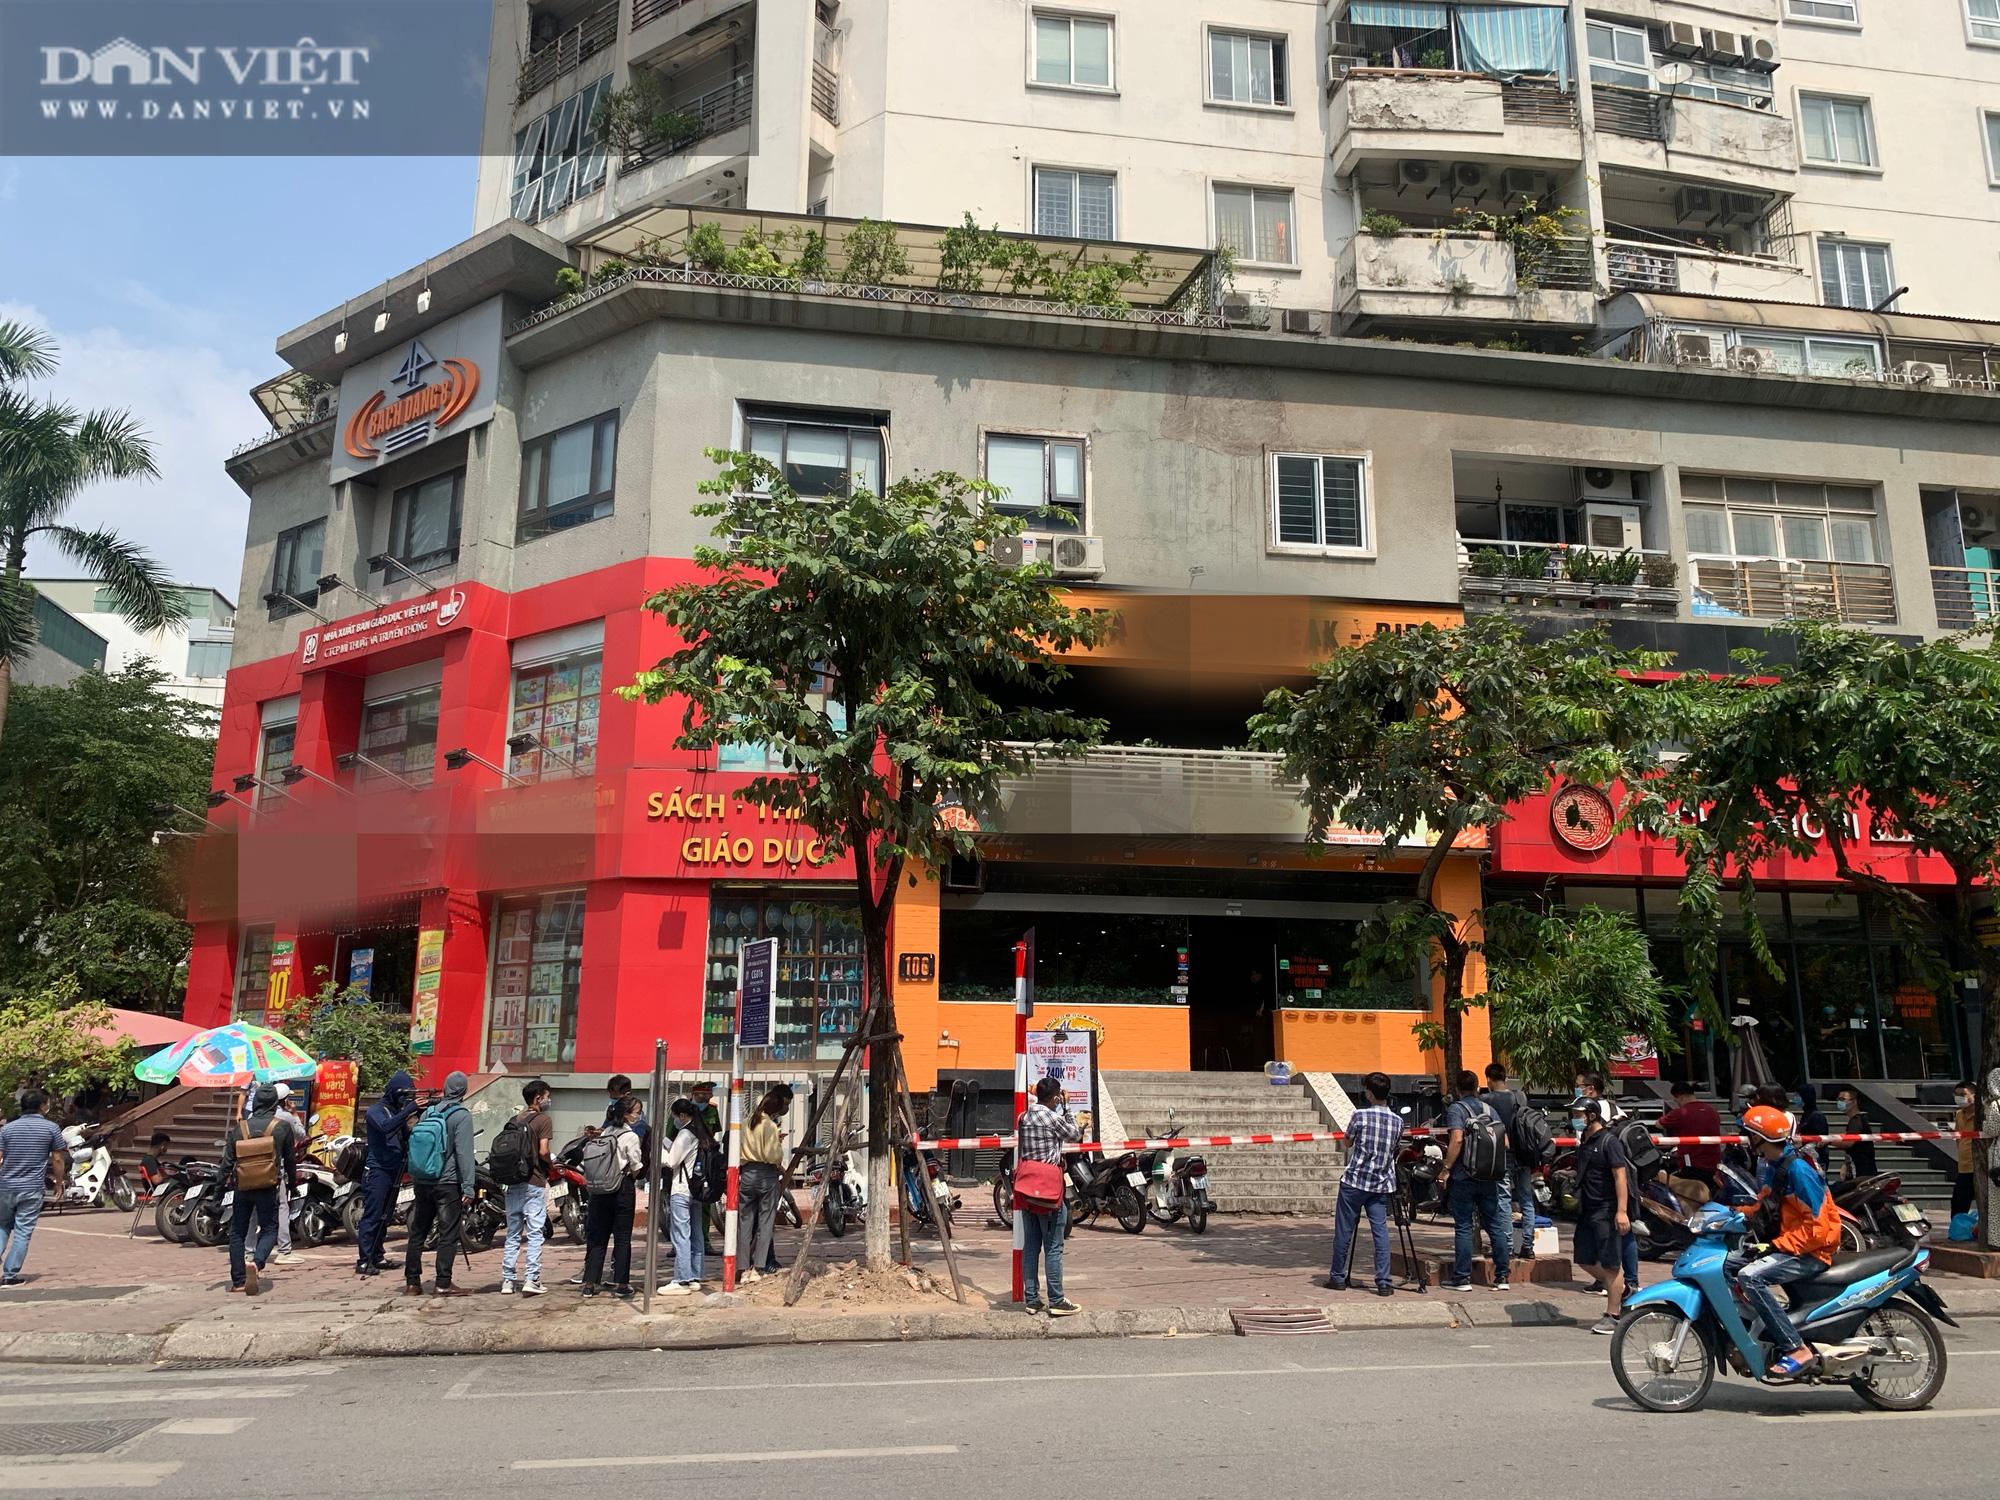 Một bệnh nhân nghi nhiễm Covid-19 tại Hà Nội: Phong toả và khử trùng quán pizza trên phố Trần Thái Tông - Ảnh 3.